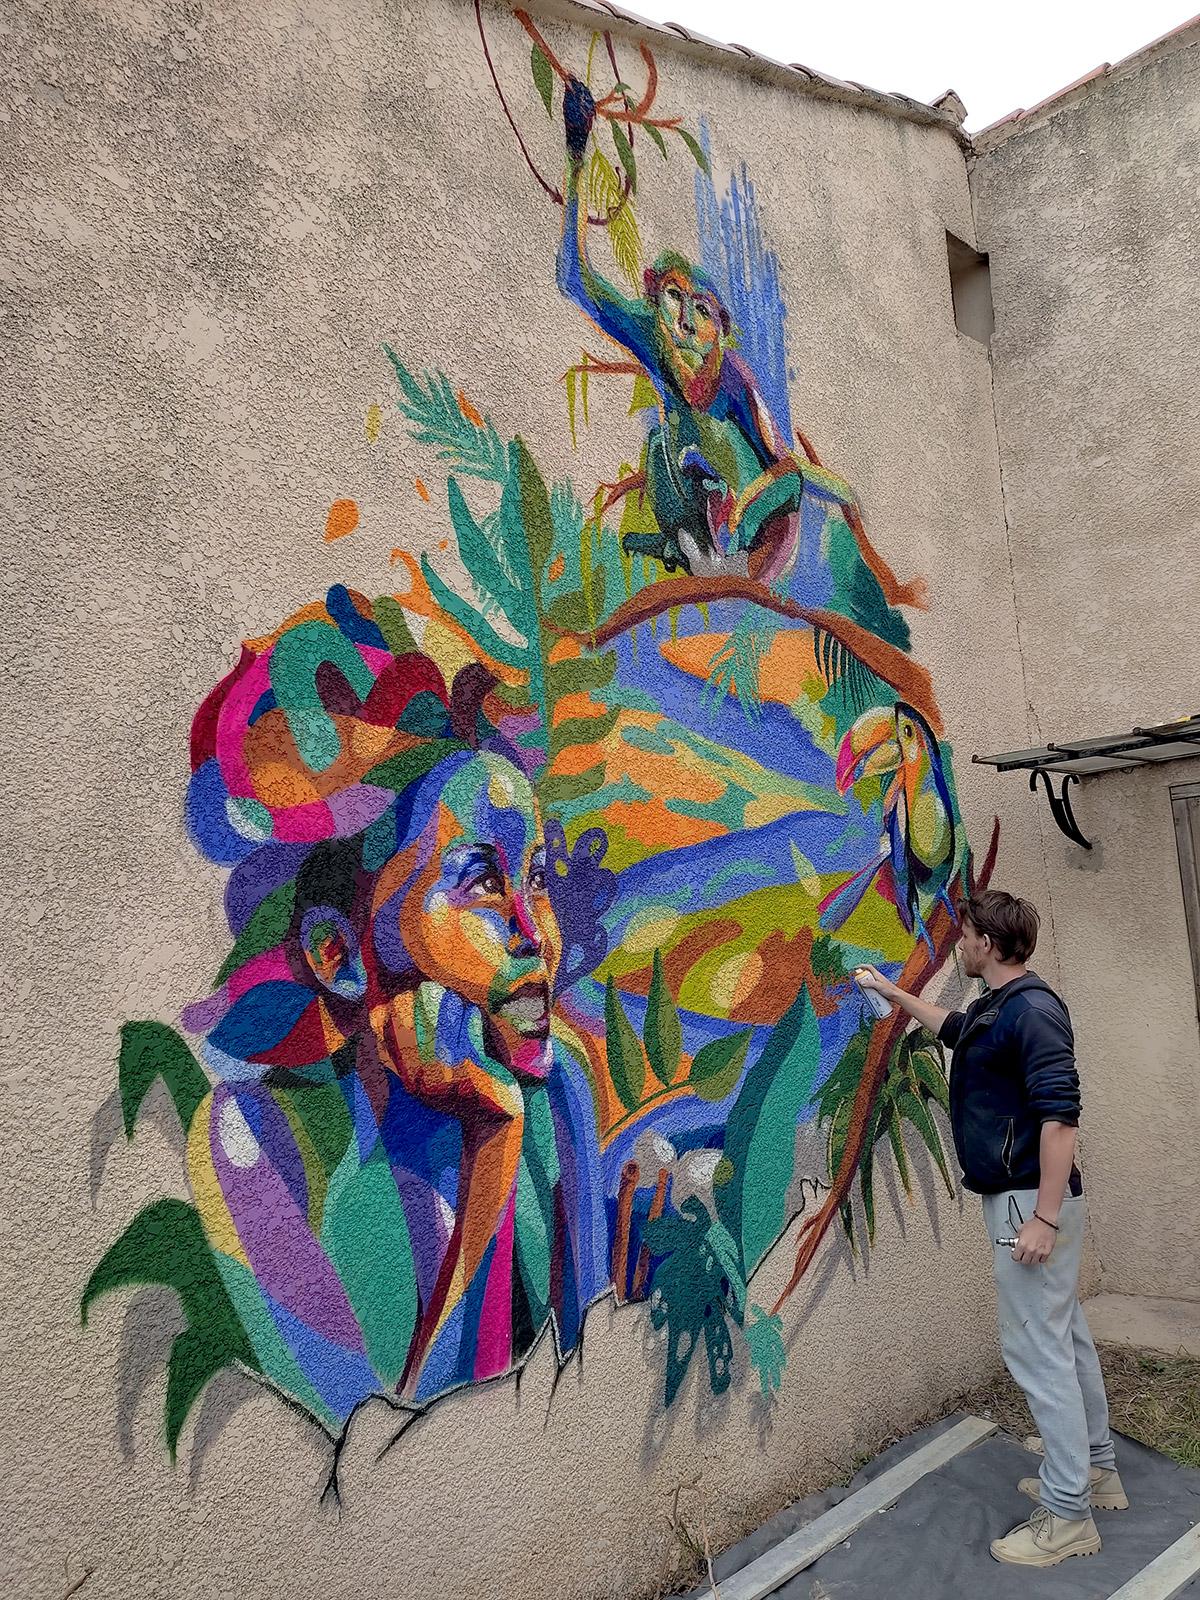 Fresque street art par le graffeur Enkage sur aix en Provence avec animaux et portrait de femme